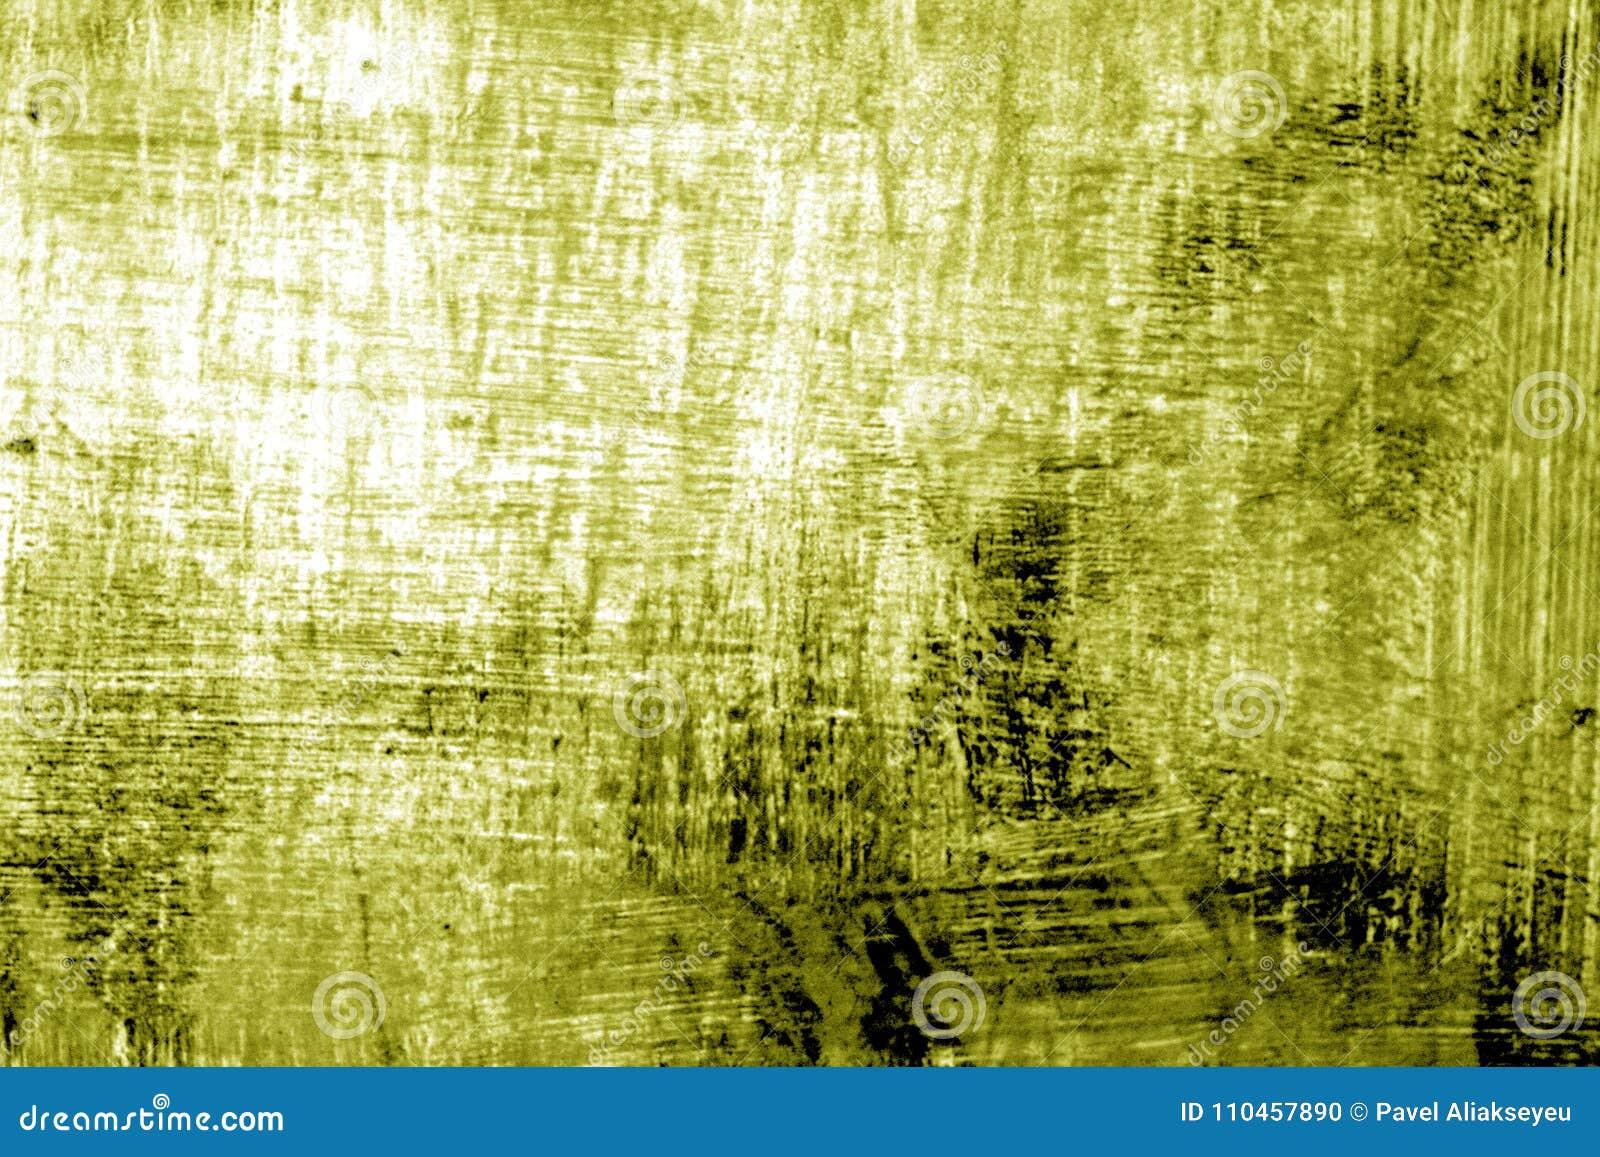 Målarfärgstrockes på metall i gul signal